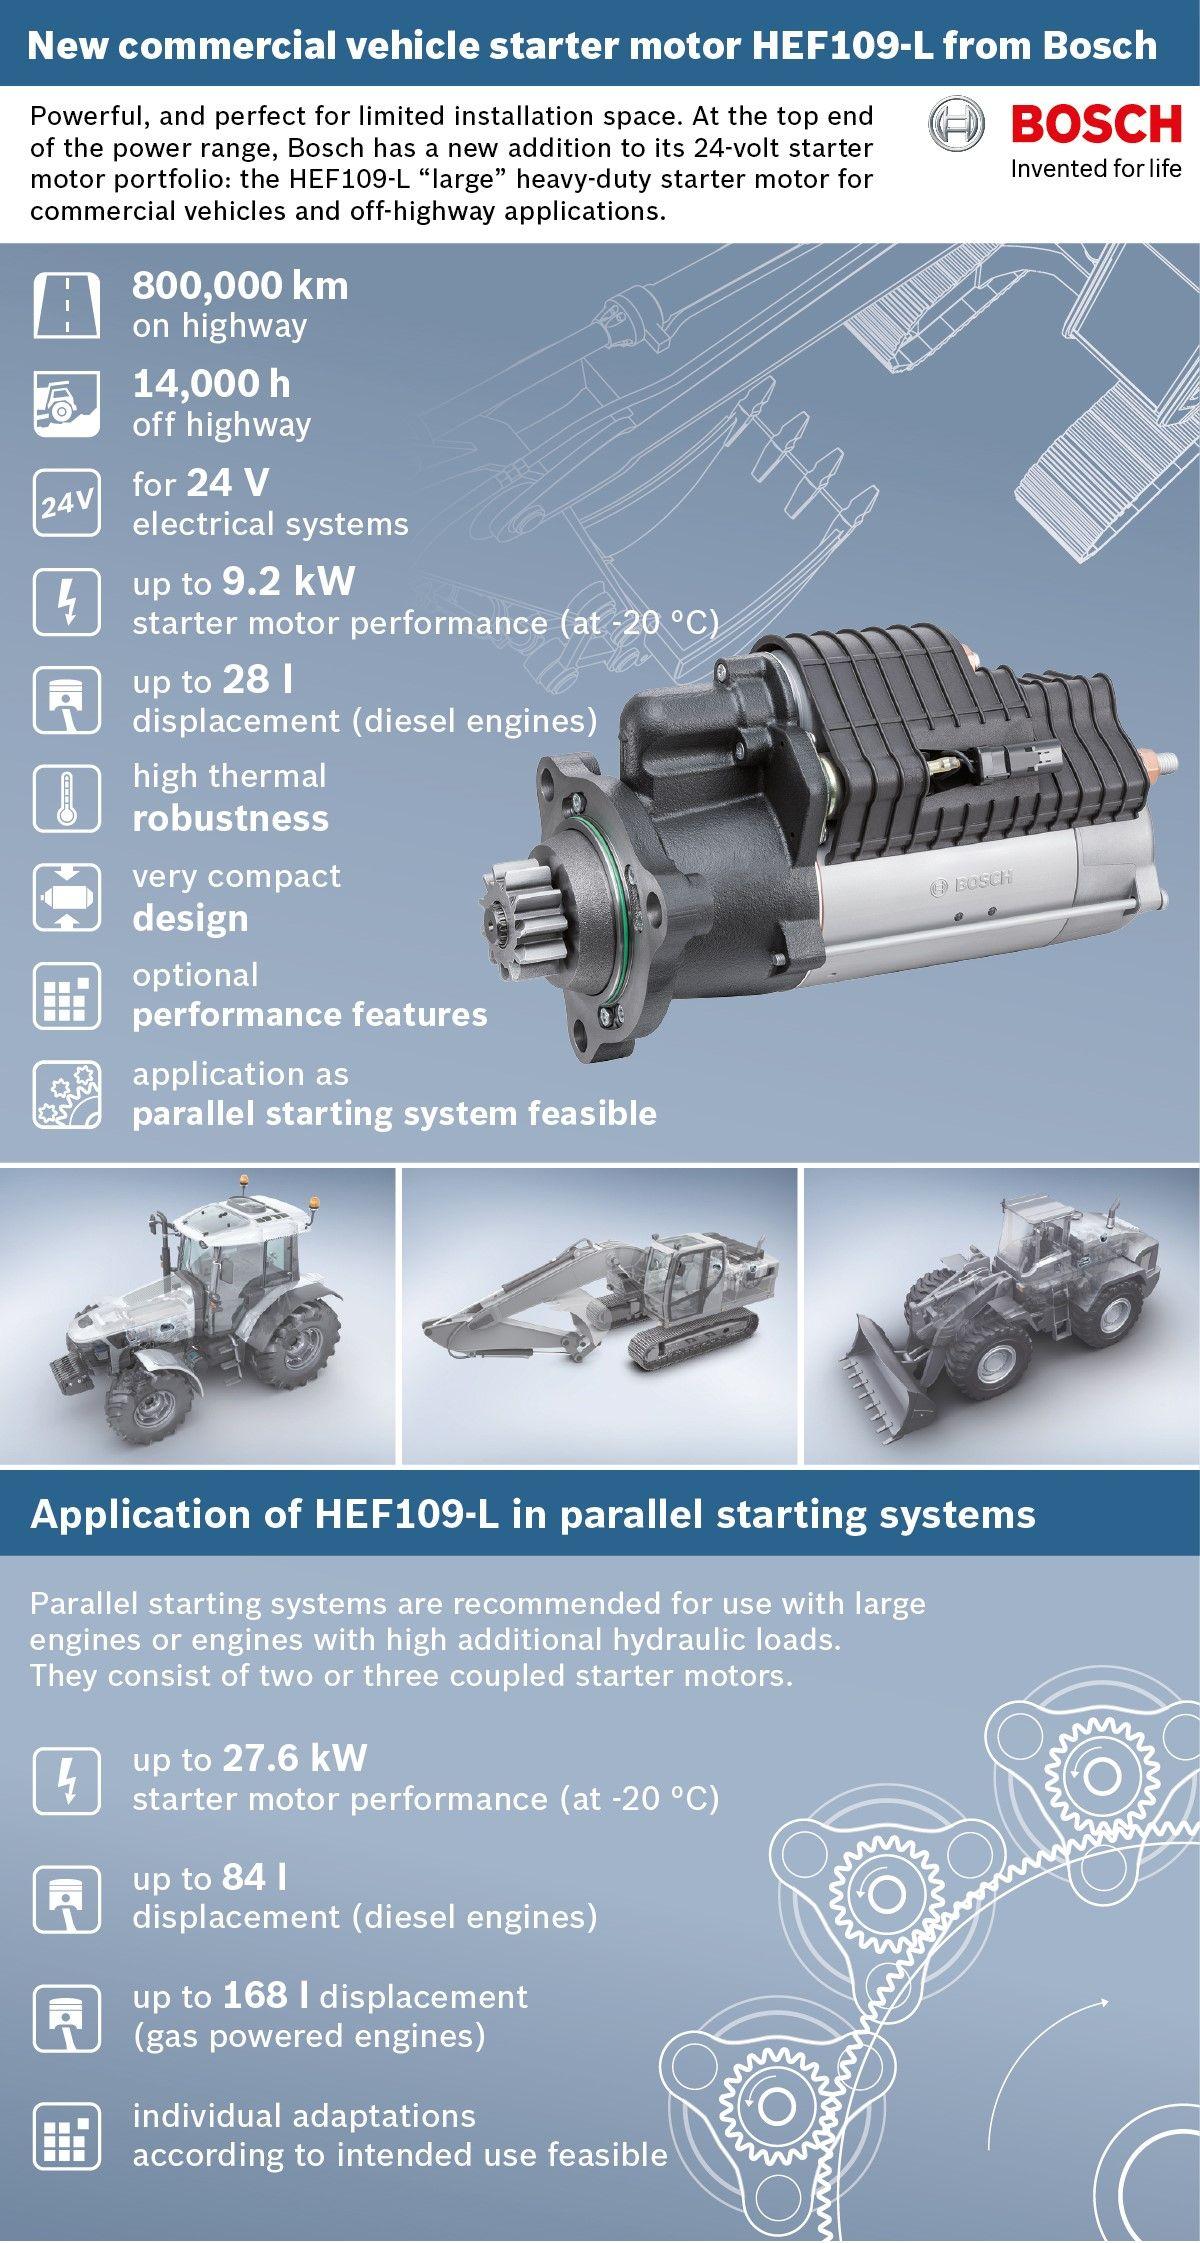 Новый стартер Bosch HEF109-L для коммерческого транспорта